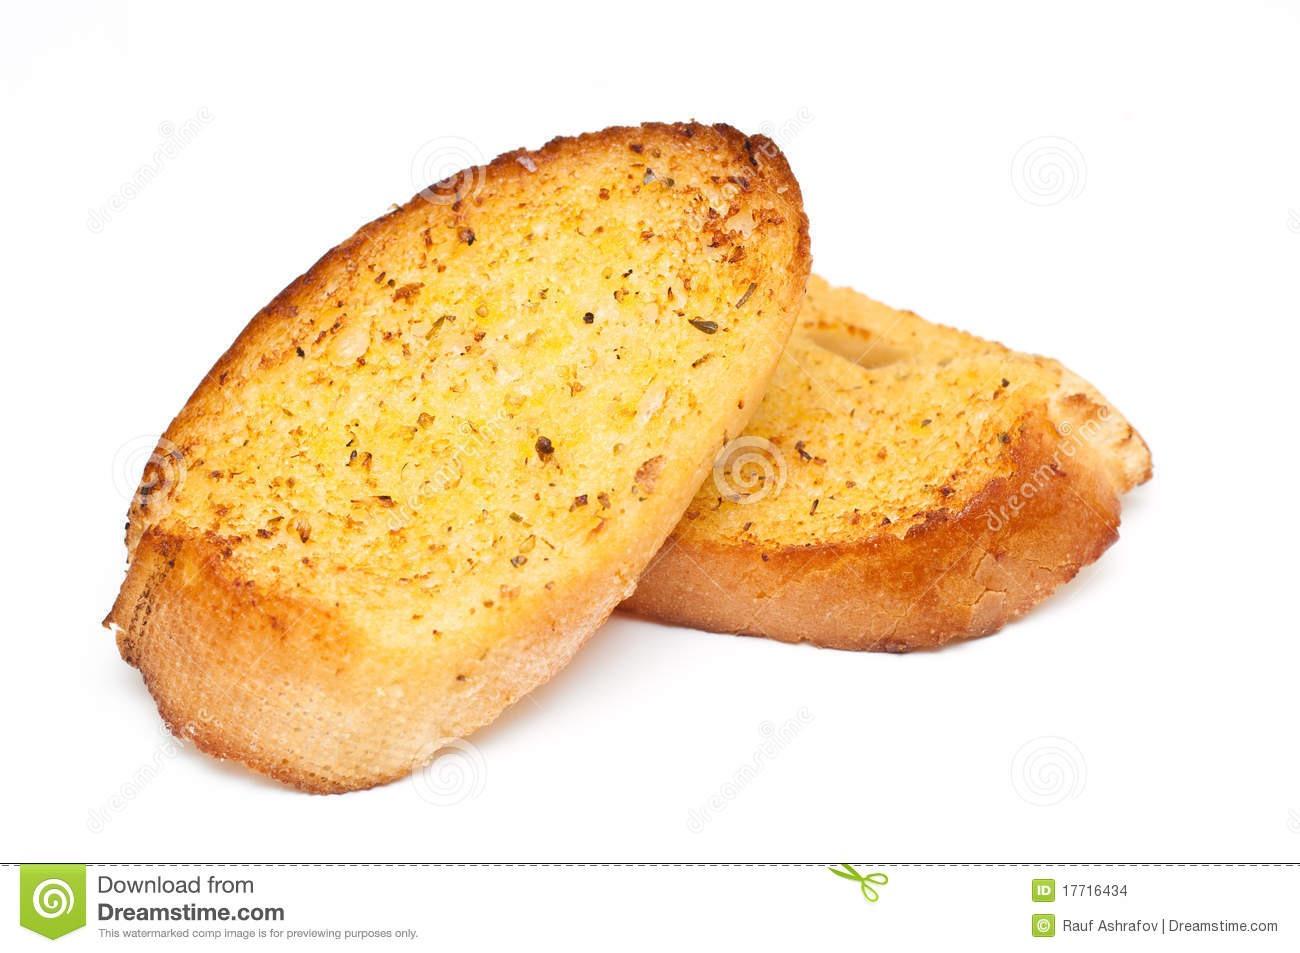 Как сделать хлеб белый с чесноком на сковороде